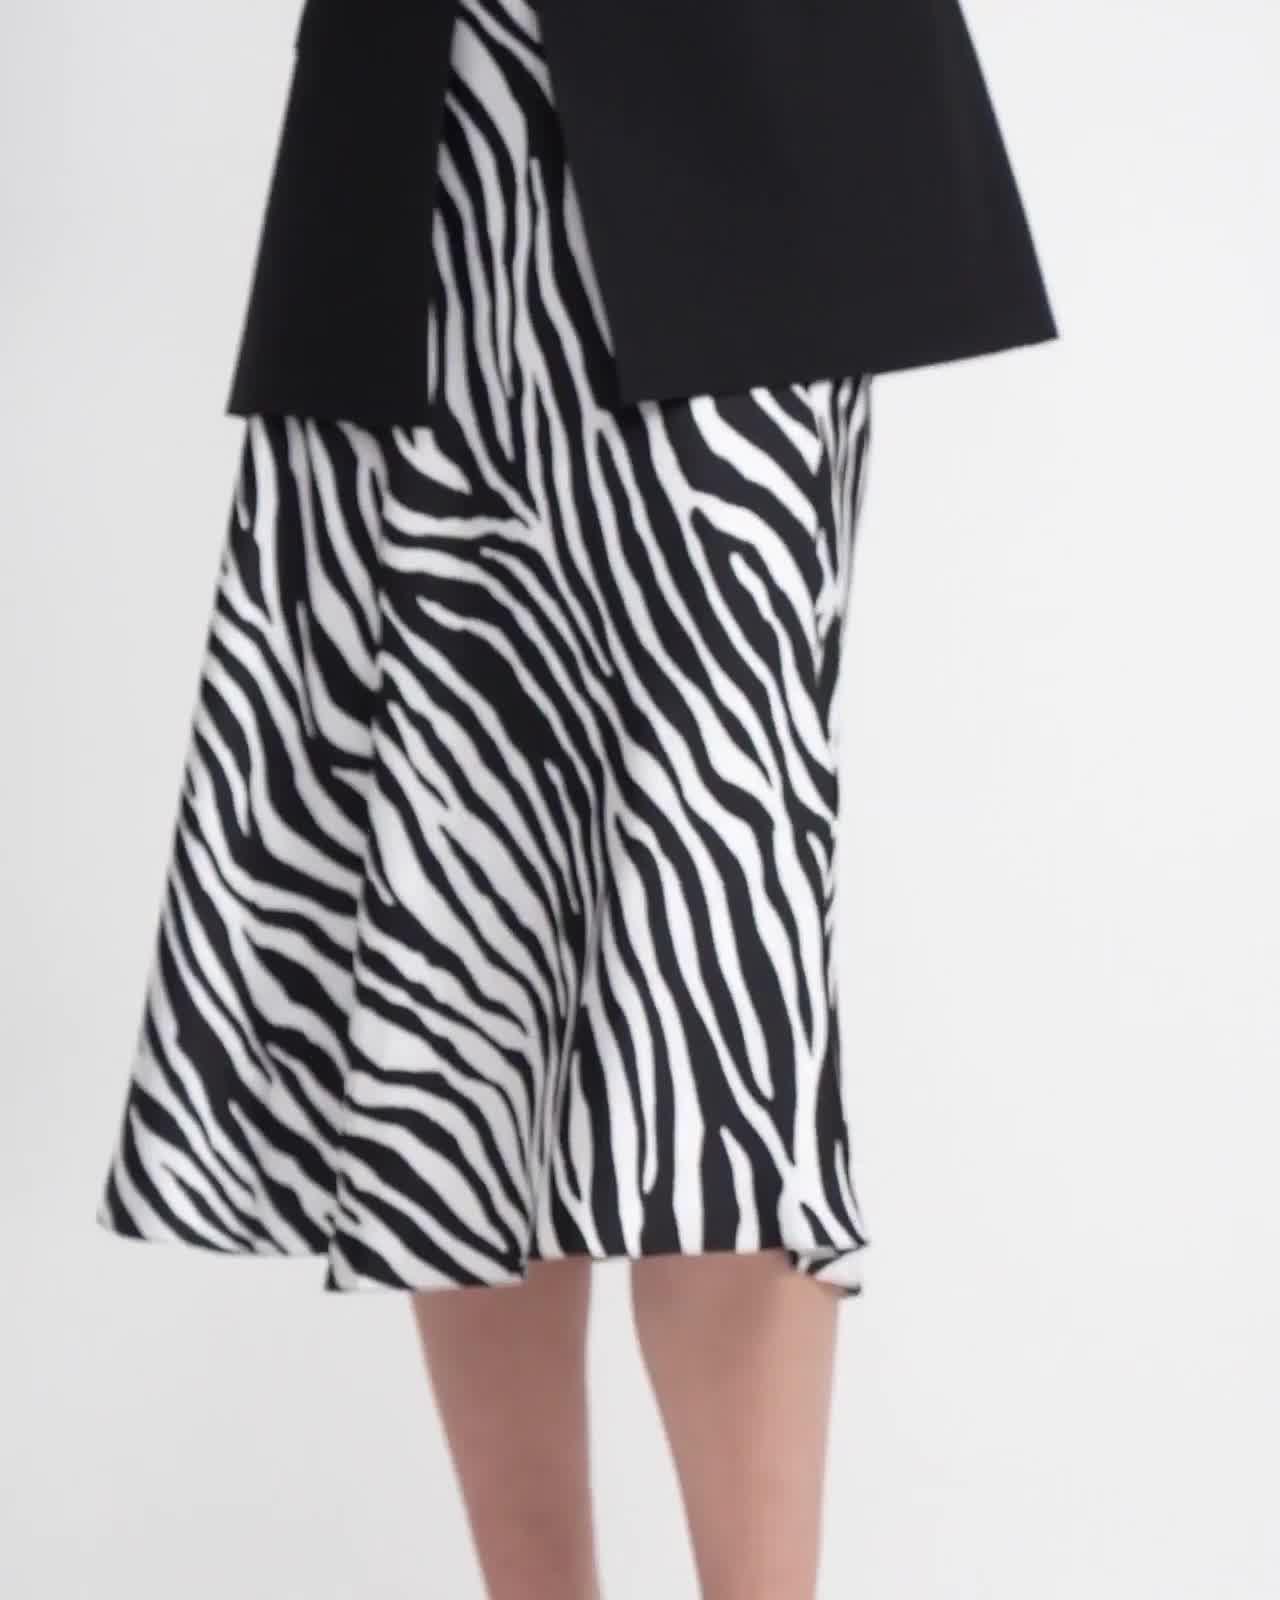 Modern Slip Skirt in Zebra Print Twill